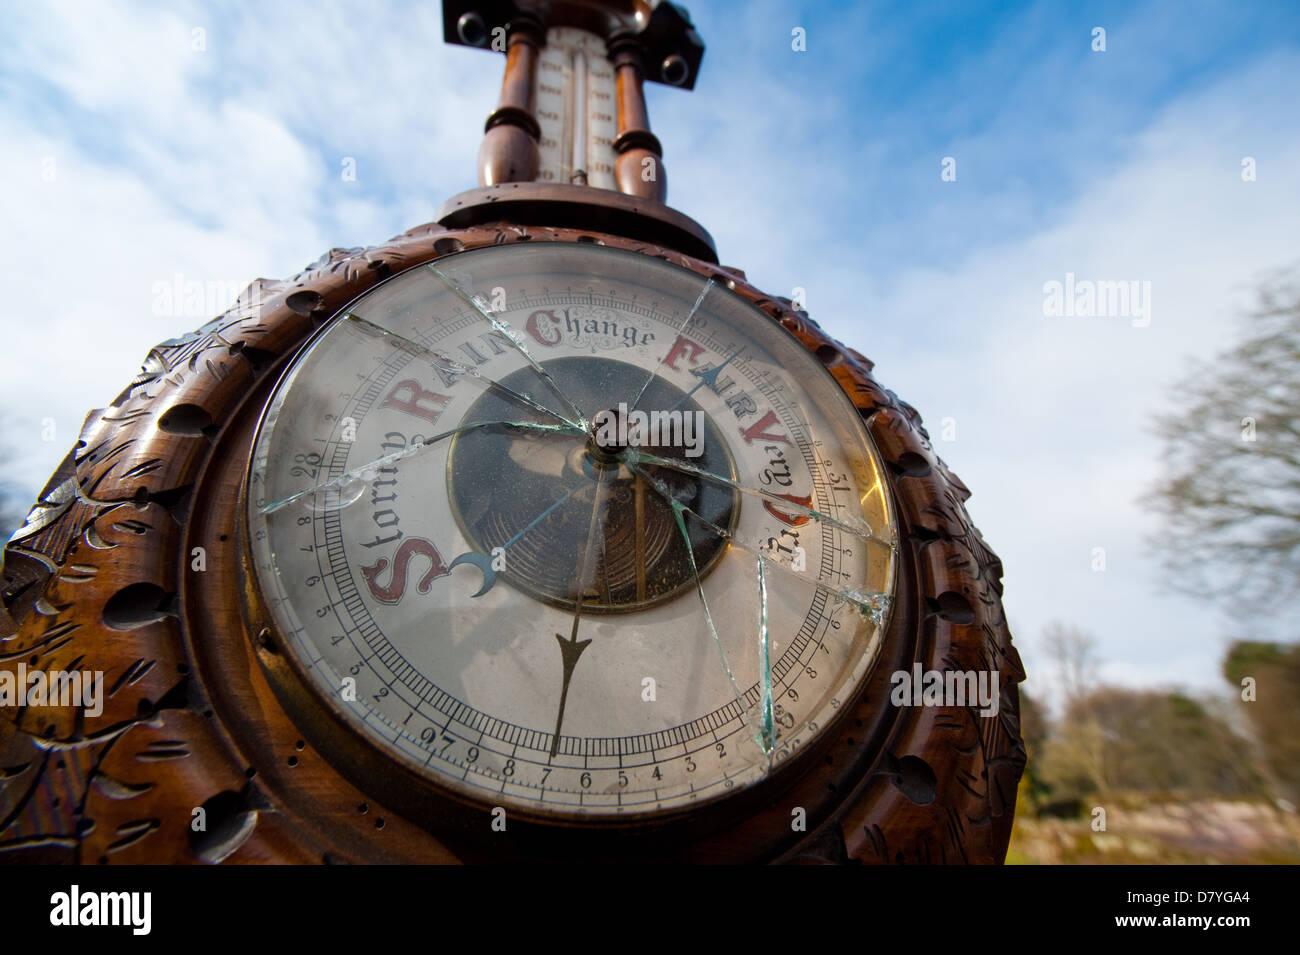 Un barómetro roto contra un cielo azul Imagen De Stock